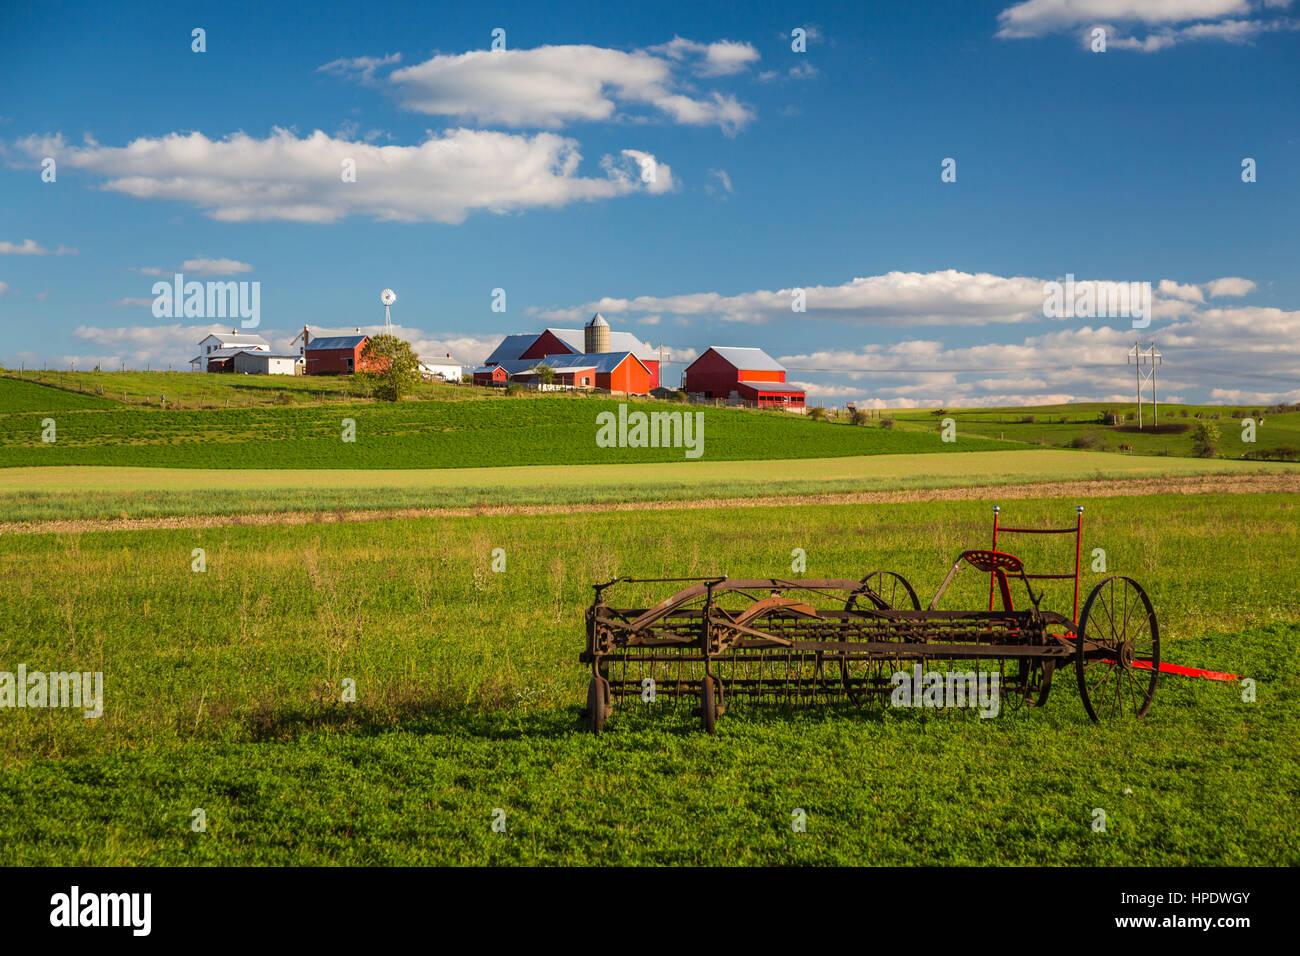 Una granja Amish en el campo cerca de Cedrón, Ohio, EE.UU. Imagen De Stock